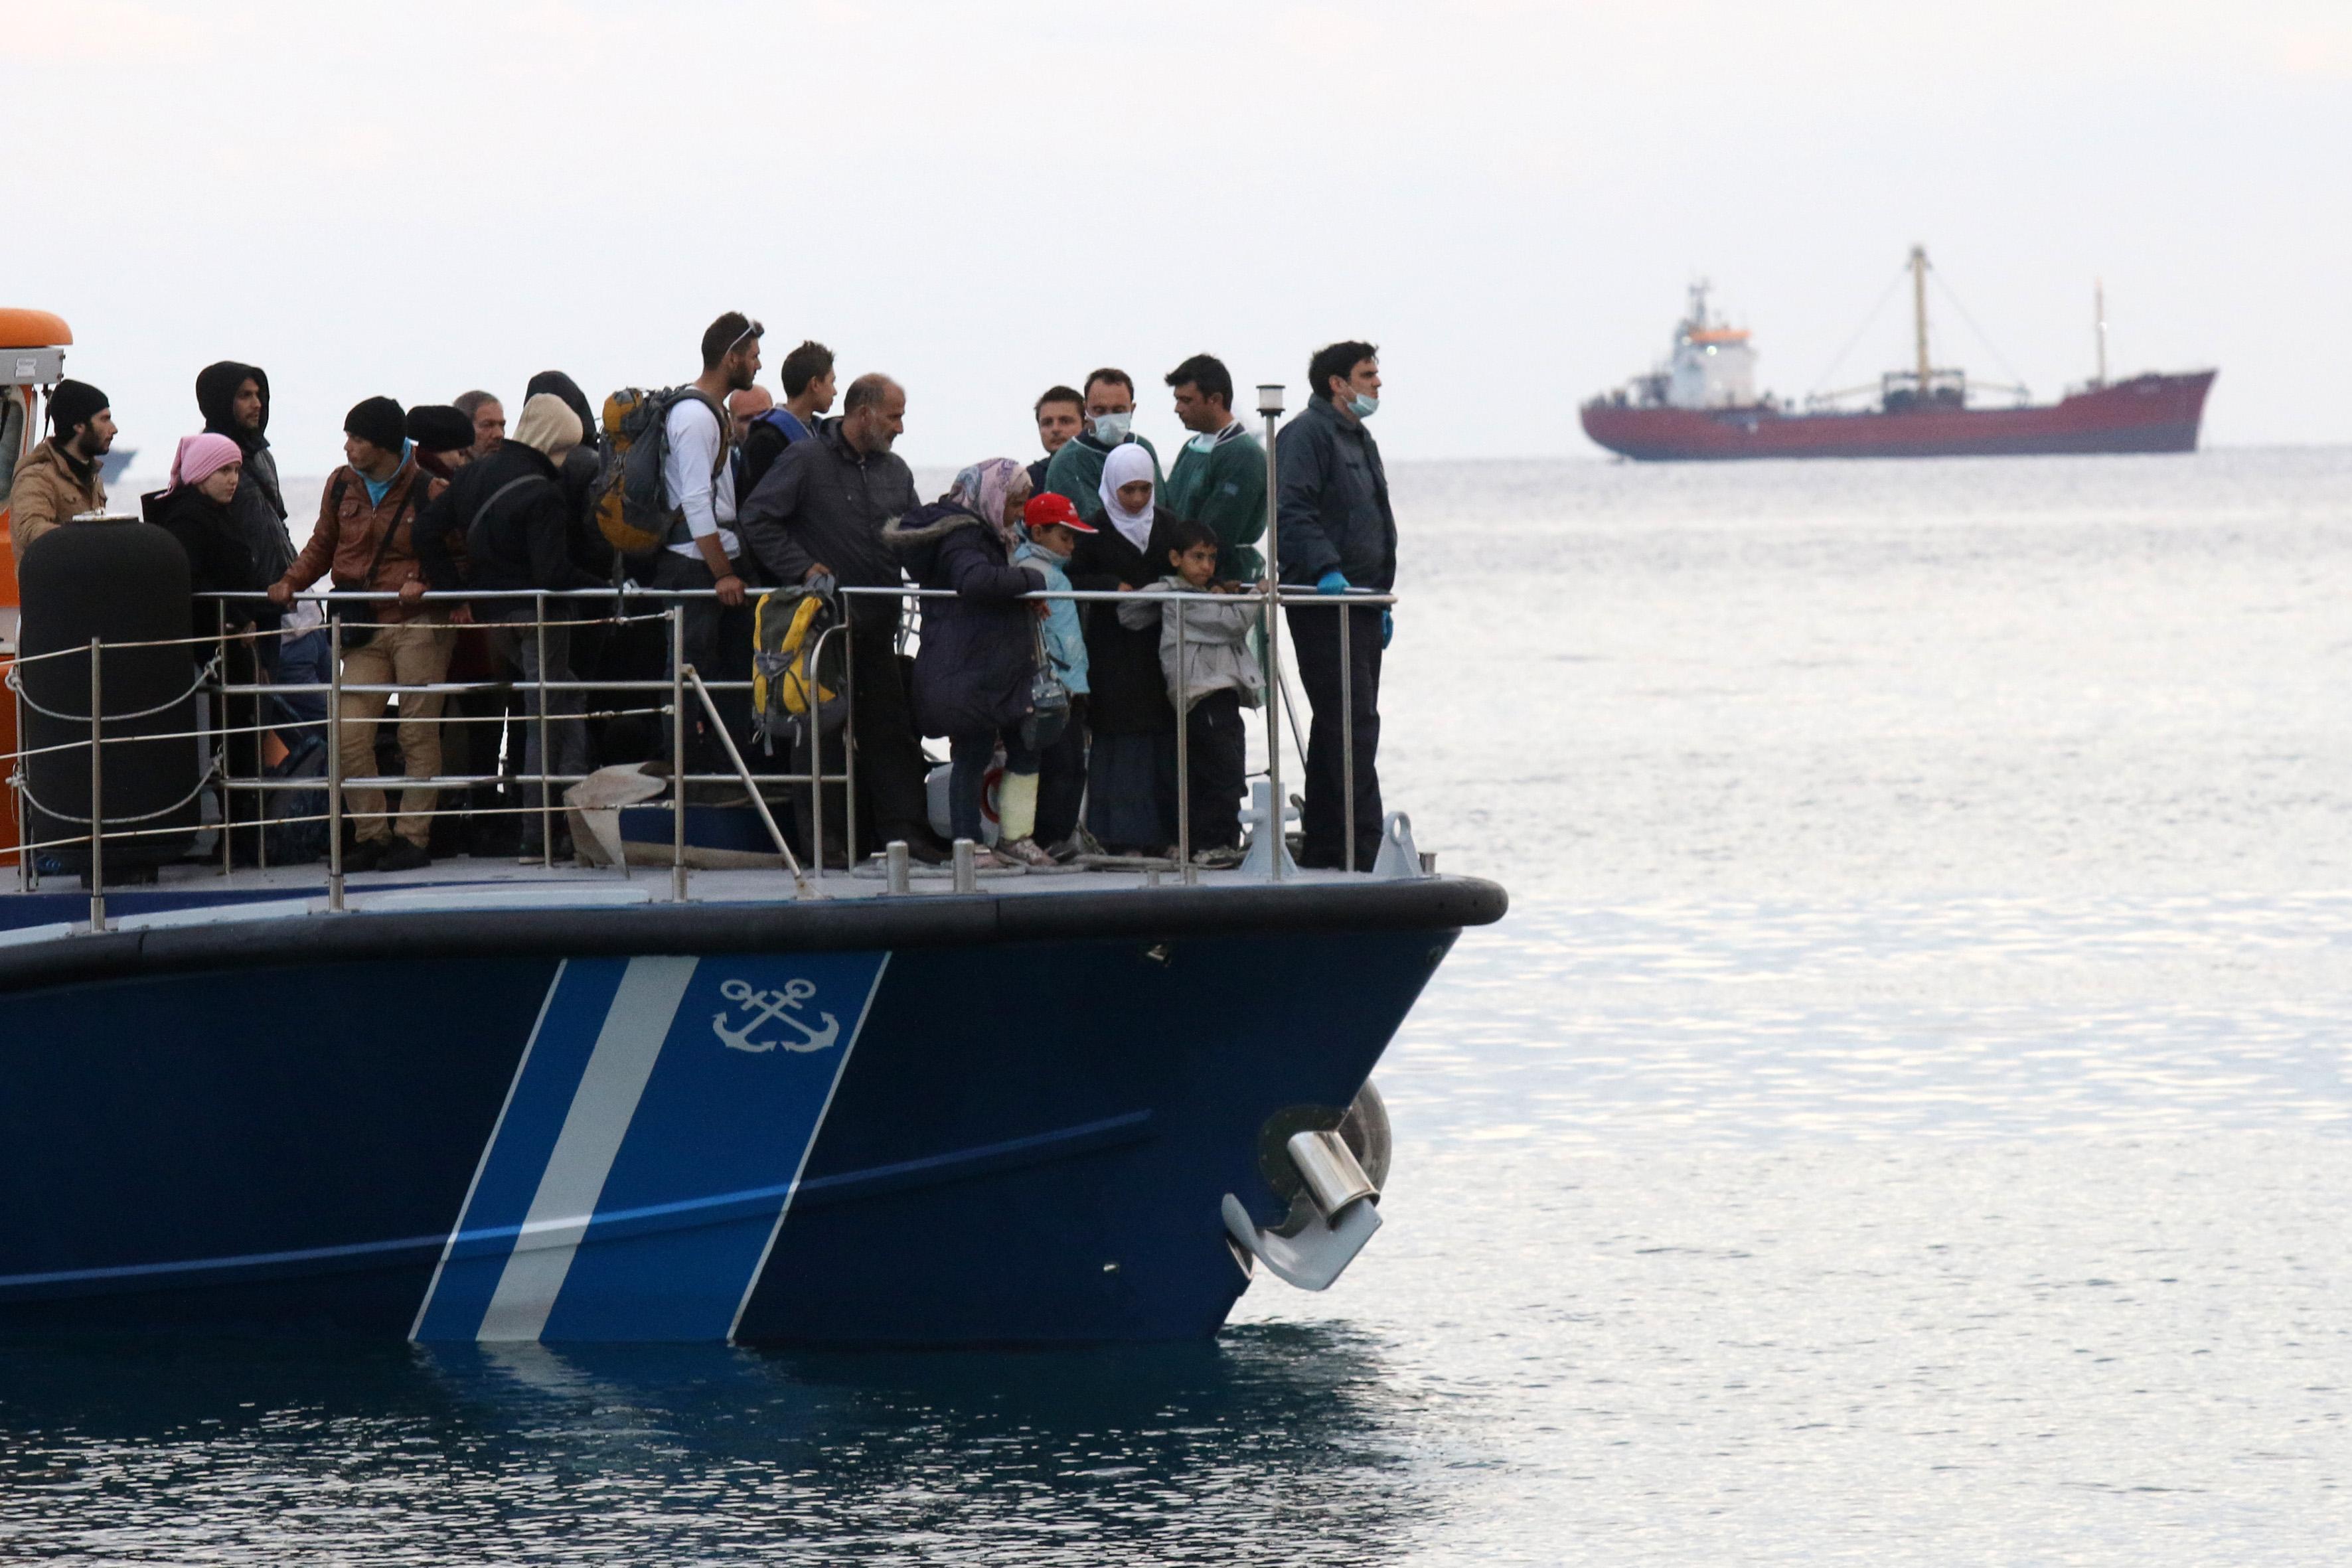 Αντίπαξοι: Σώοι οι μετανάστες που βρέθηκαν σε ακυβέρνητο πλοιάριο | tovima.gr